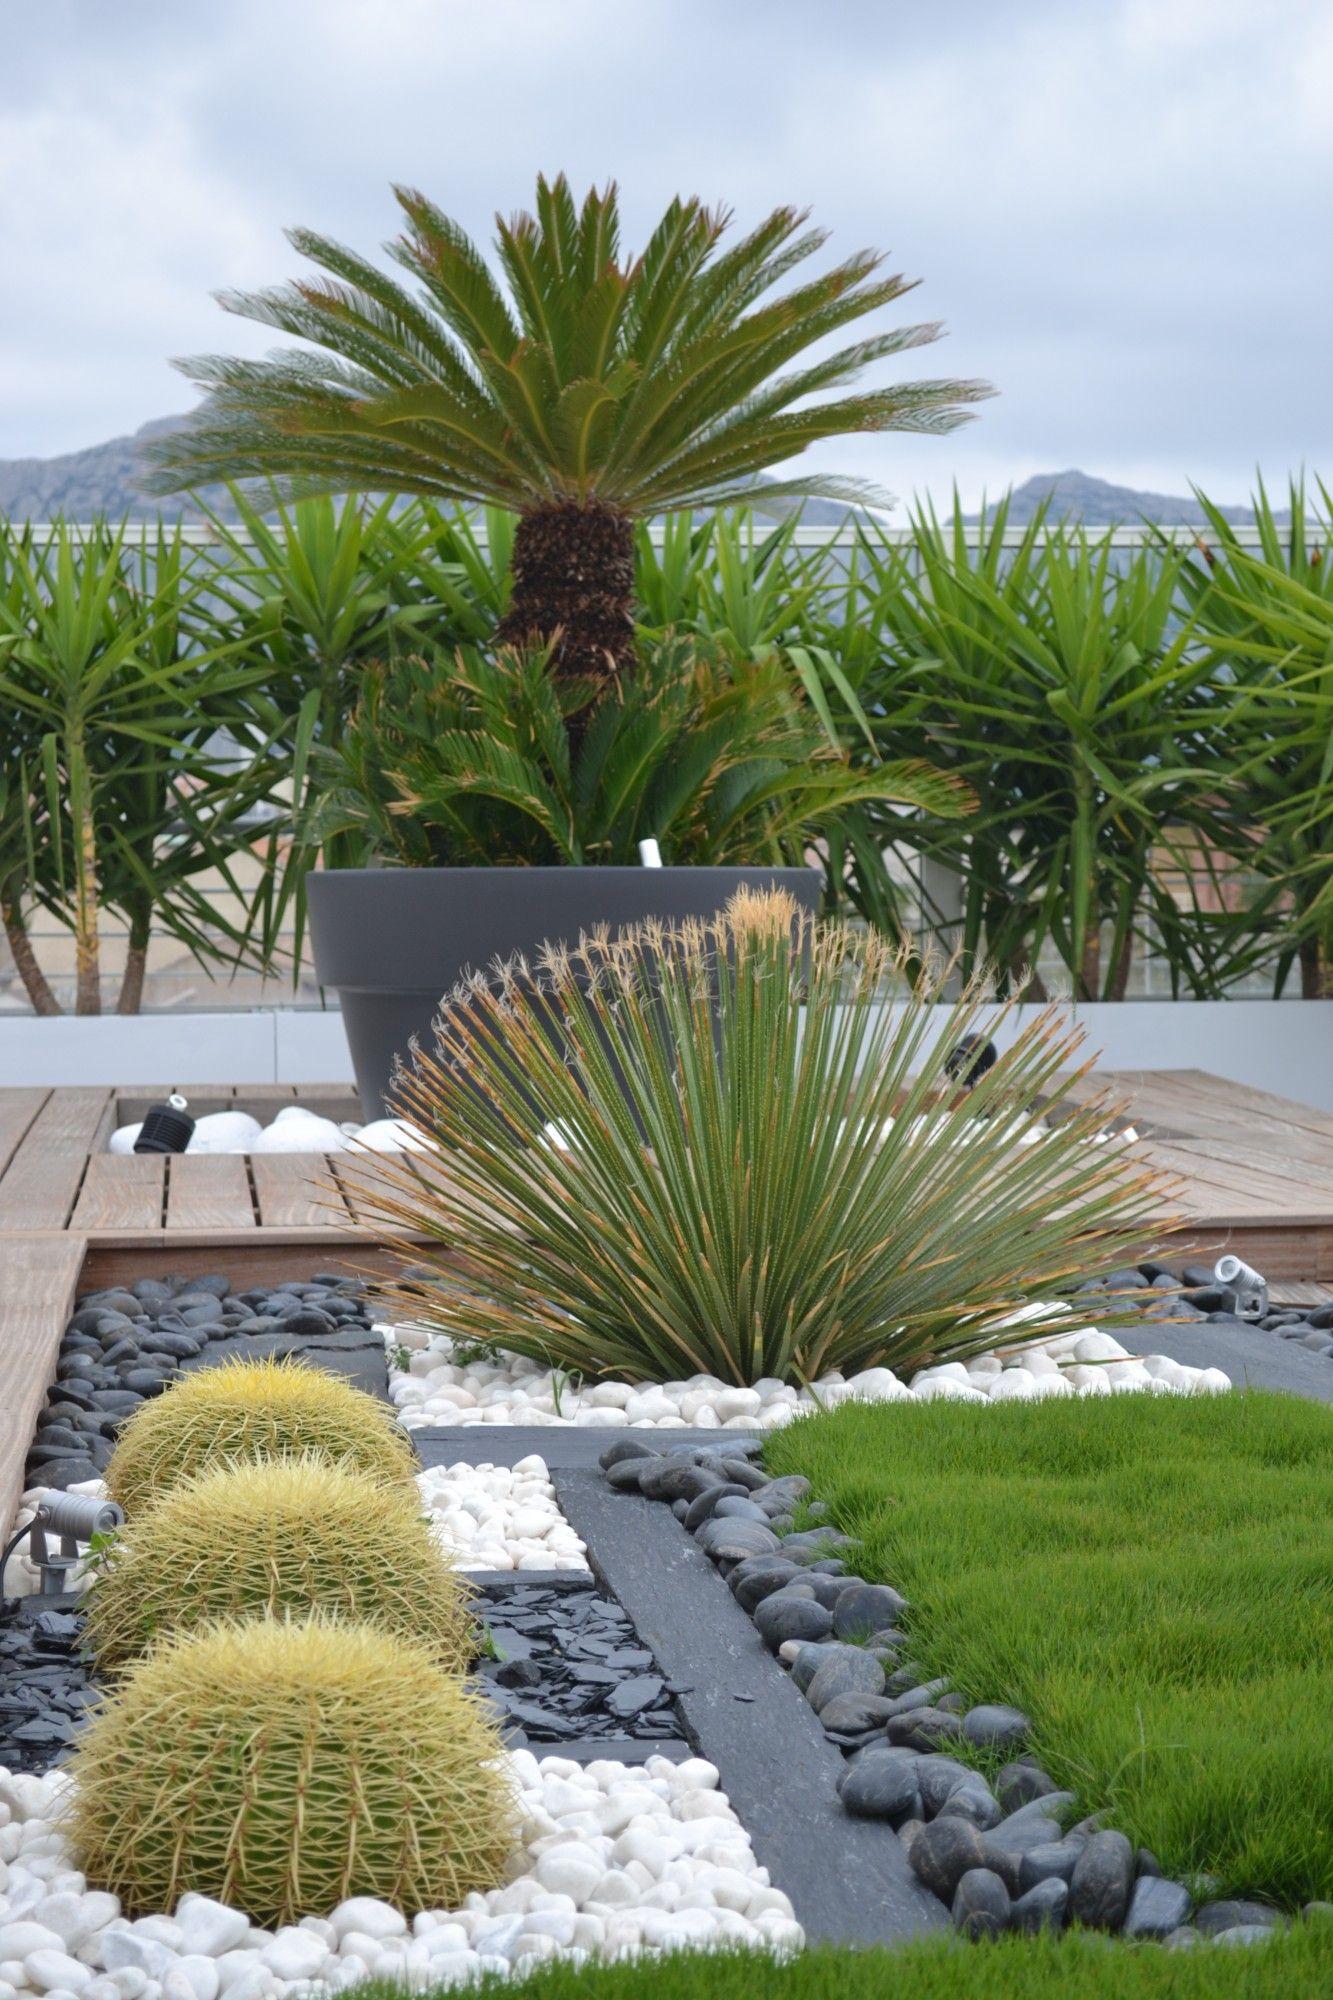 Plaques De Schiste, Espace Végétalisé Sec Sur Terrasse En ... intérieur Amenagement Jardin Exterieur Mediterraneen